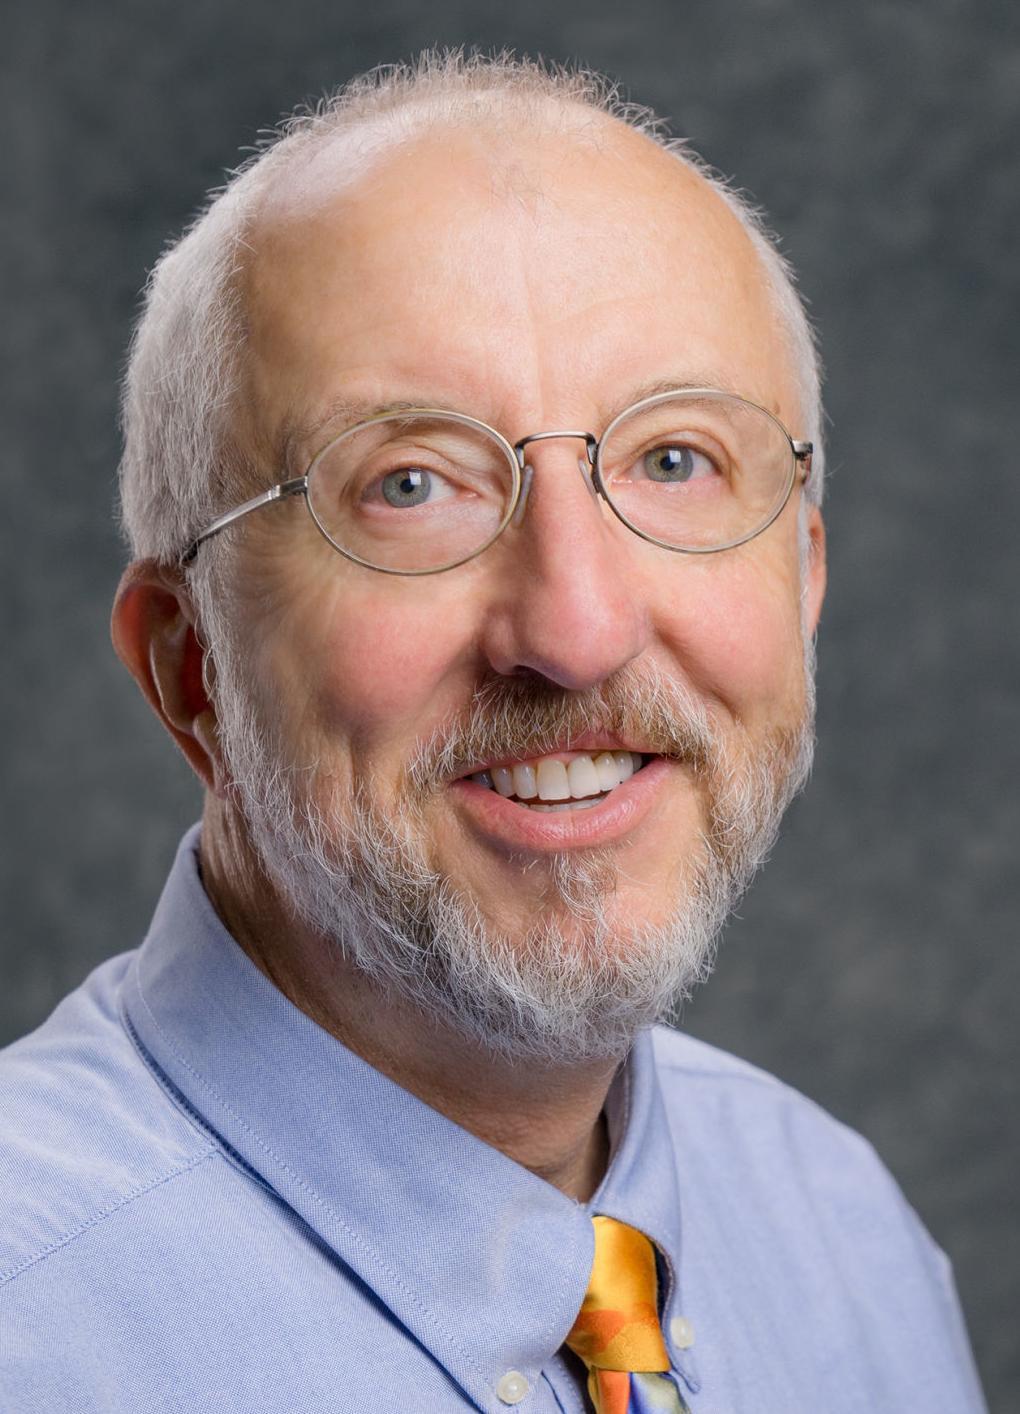 Paul Schollmeier, Winona City Councilman